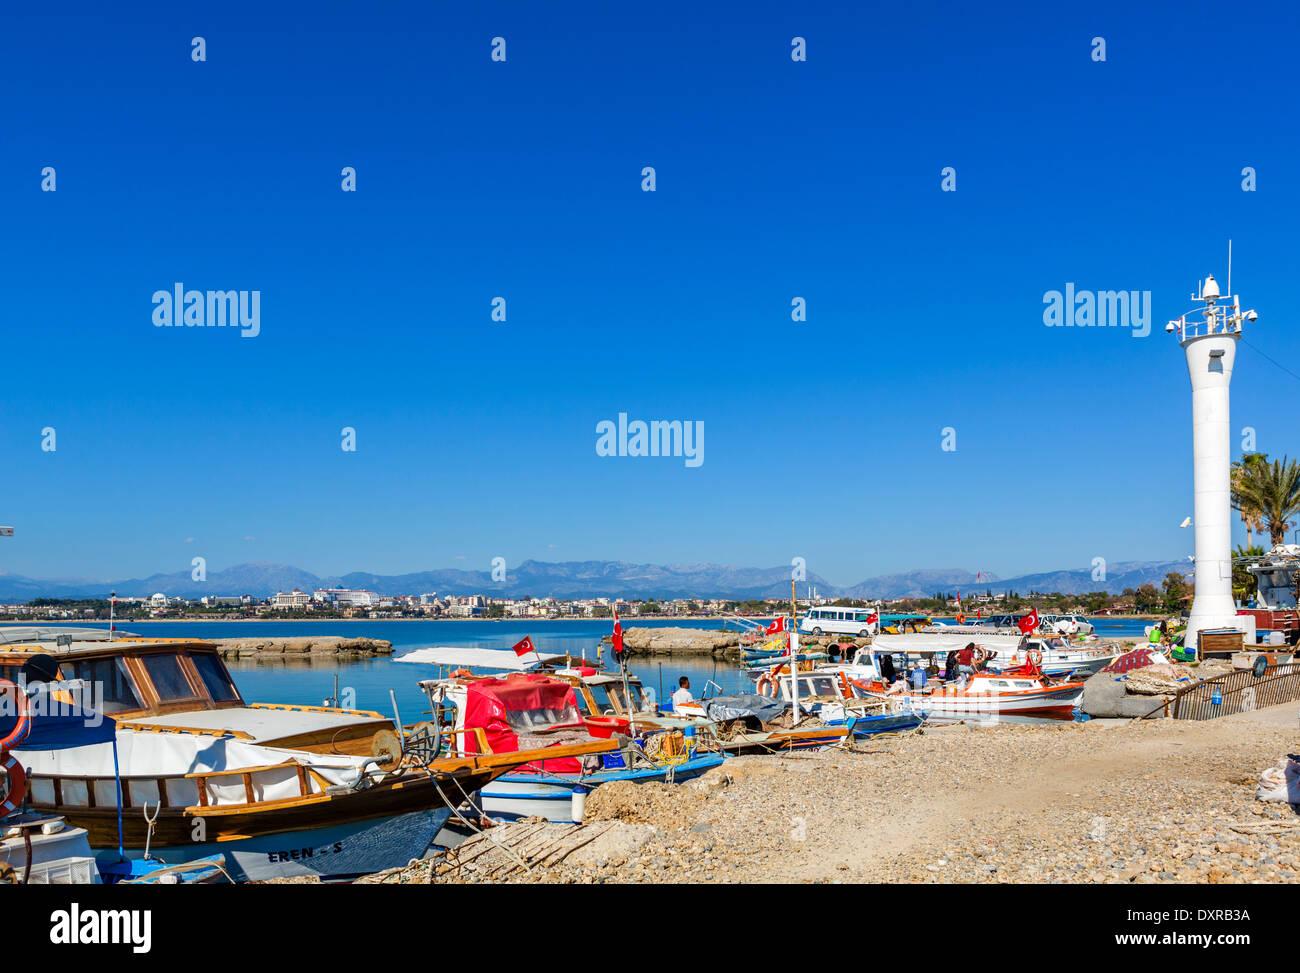 Los barcos de pesca en el antiguo puerto de la ciudad, mirando hacia las playas de la zona hotelera y al oeste de la ciudad, a lado de la provincia de Antalya, Turquía Foto de stock